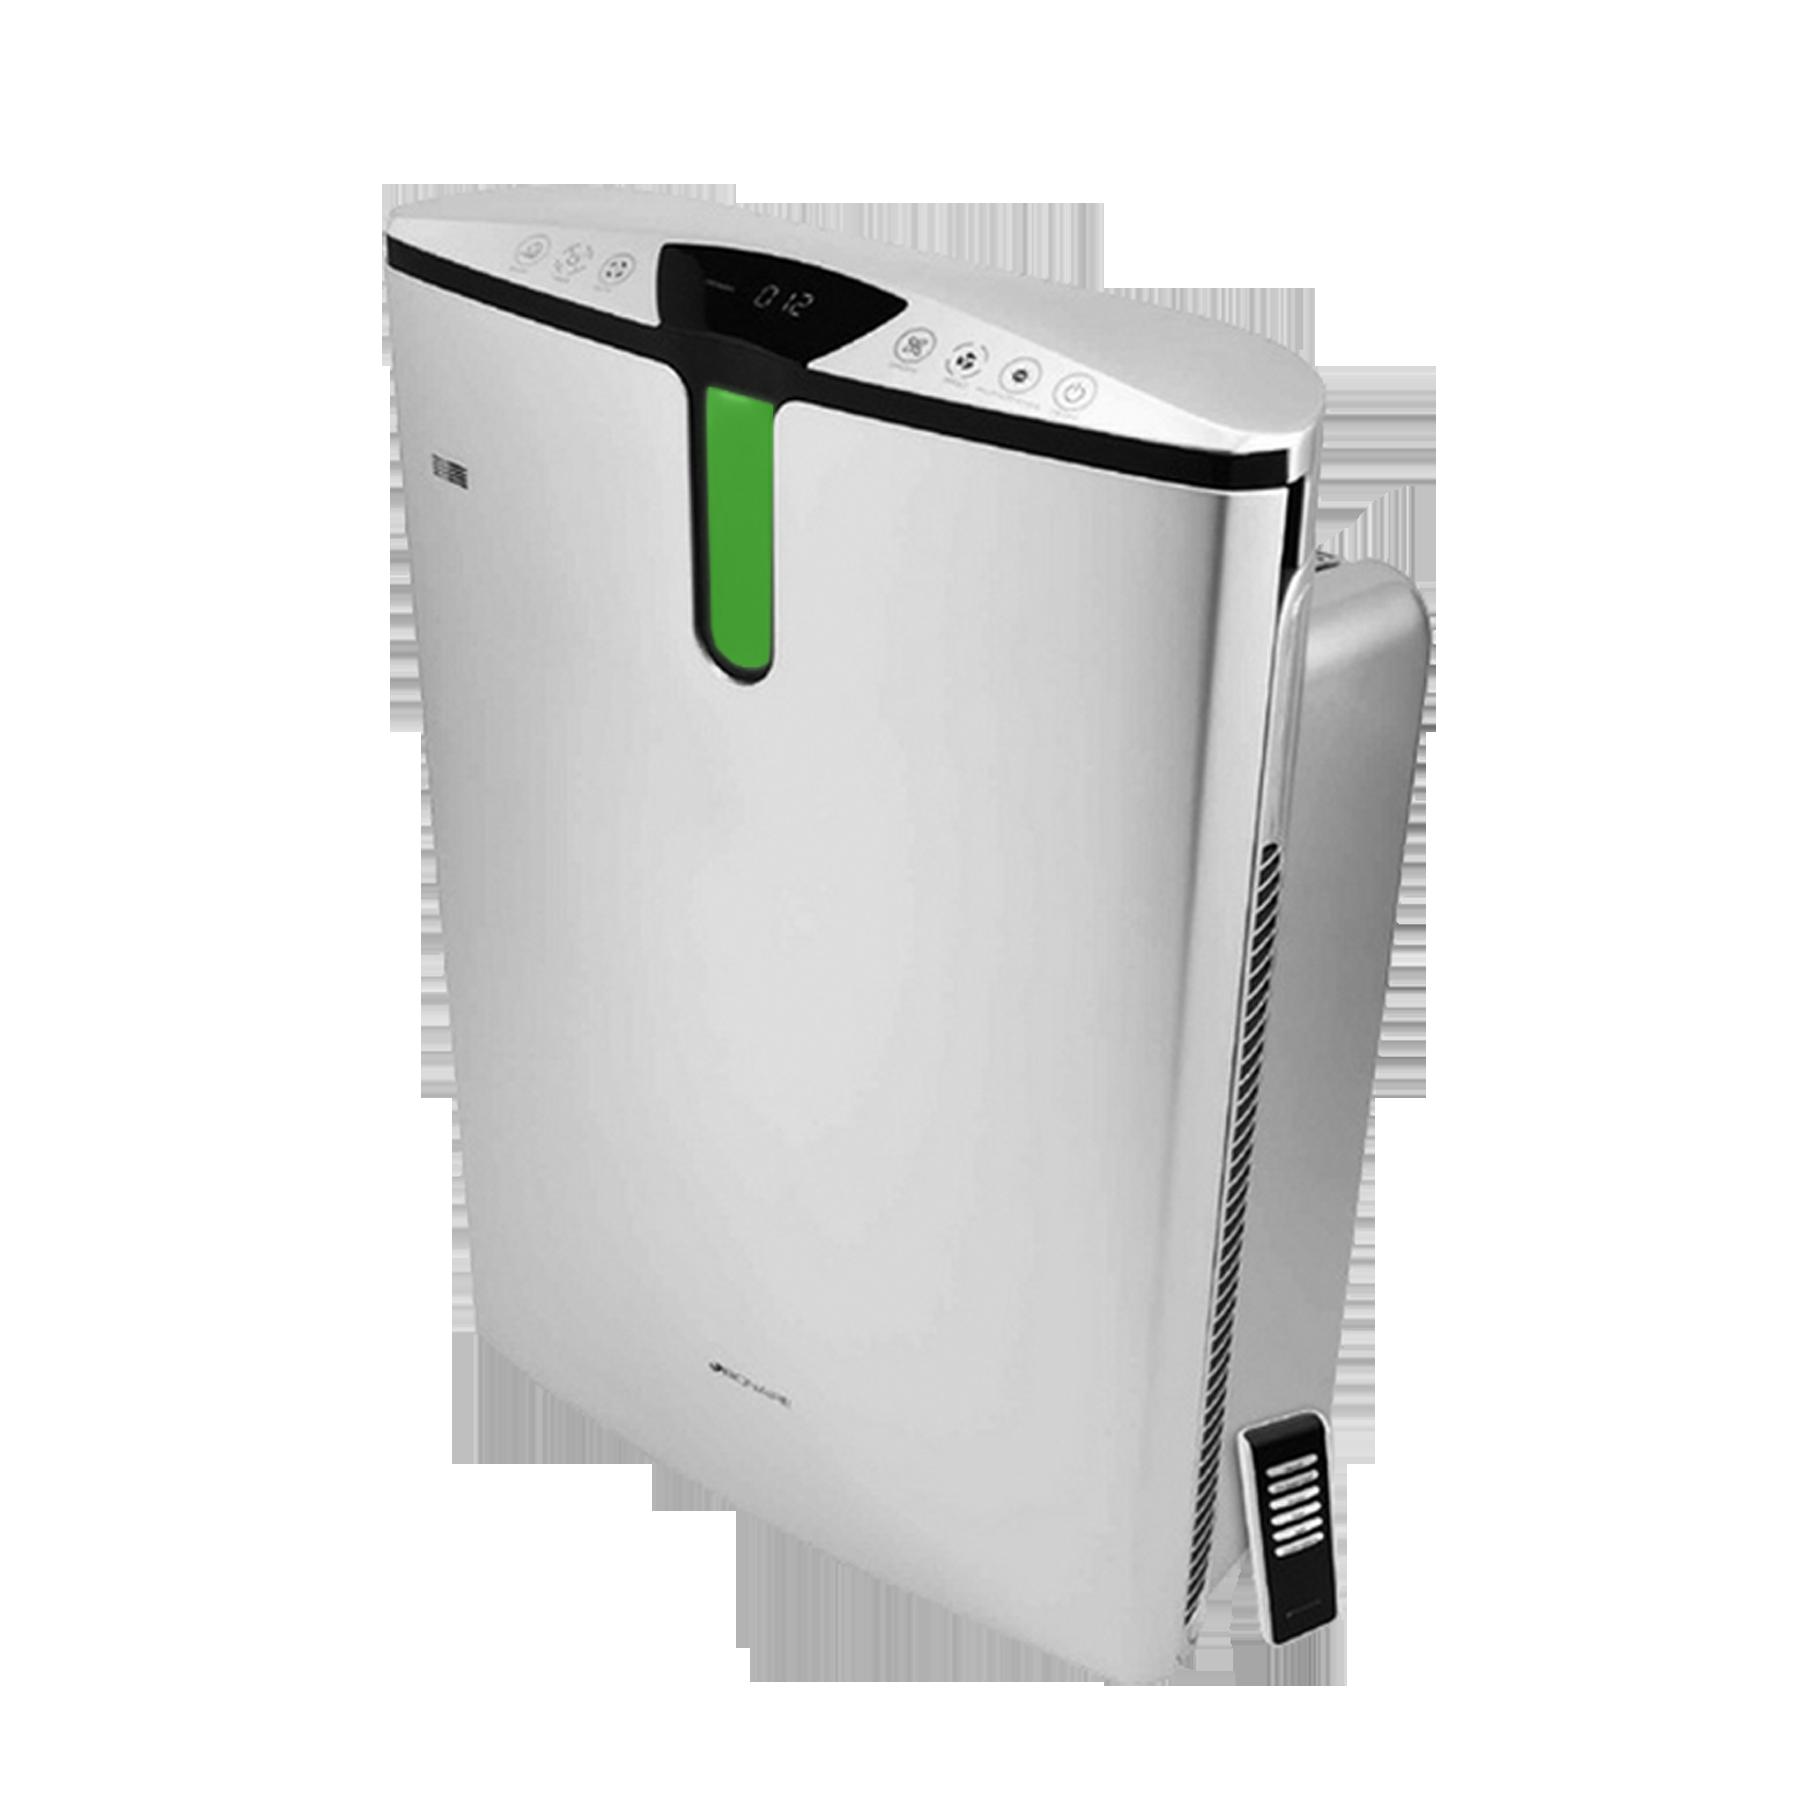 Bionaire® Air Purifier (BAP 6350)